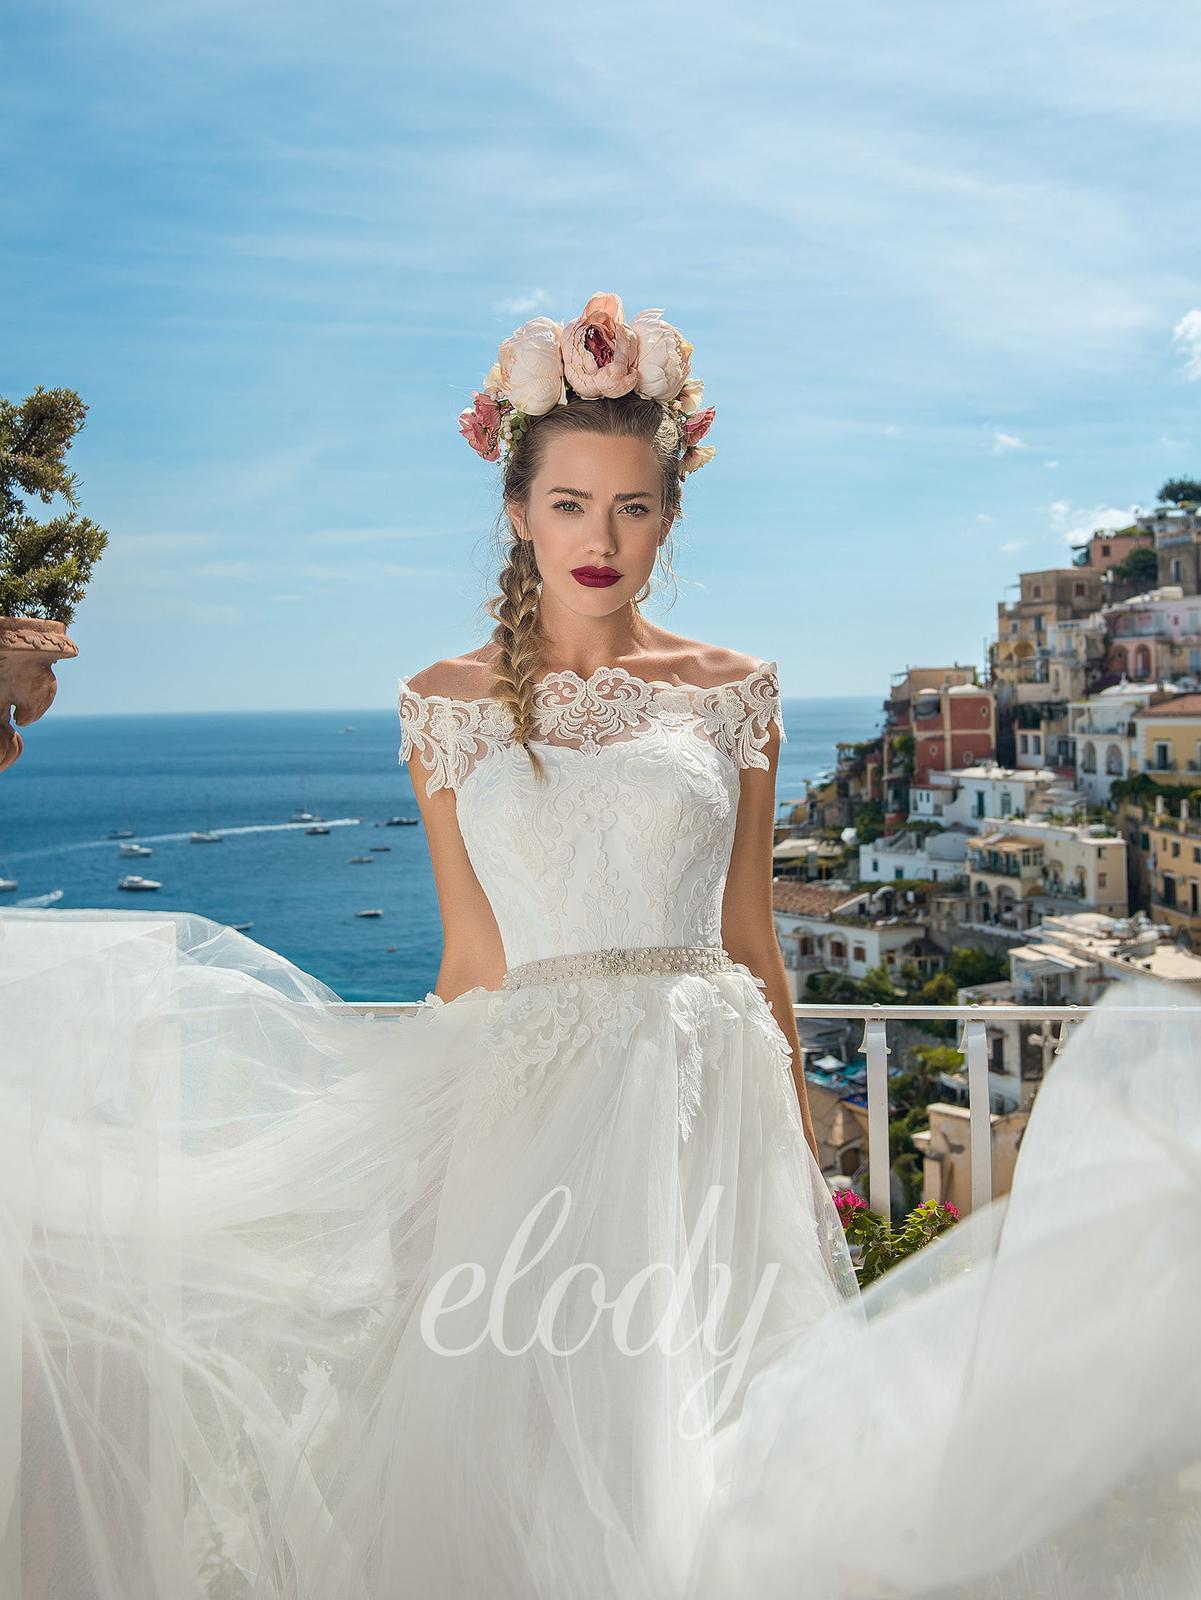 Na prodej krásné, jednou použité svatební šaty zn.ELODY ve vel. 40. Prodejní cena 8400 Kč. Budete-li mít o tyto šaty zájem, zavolejte a domluvíme se na termínu - Obrázek č. 3